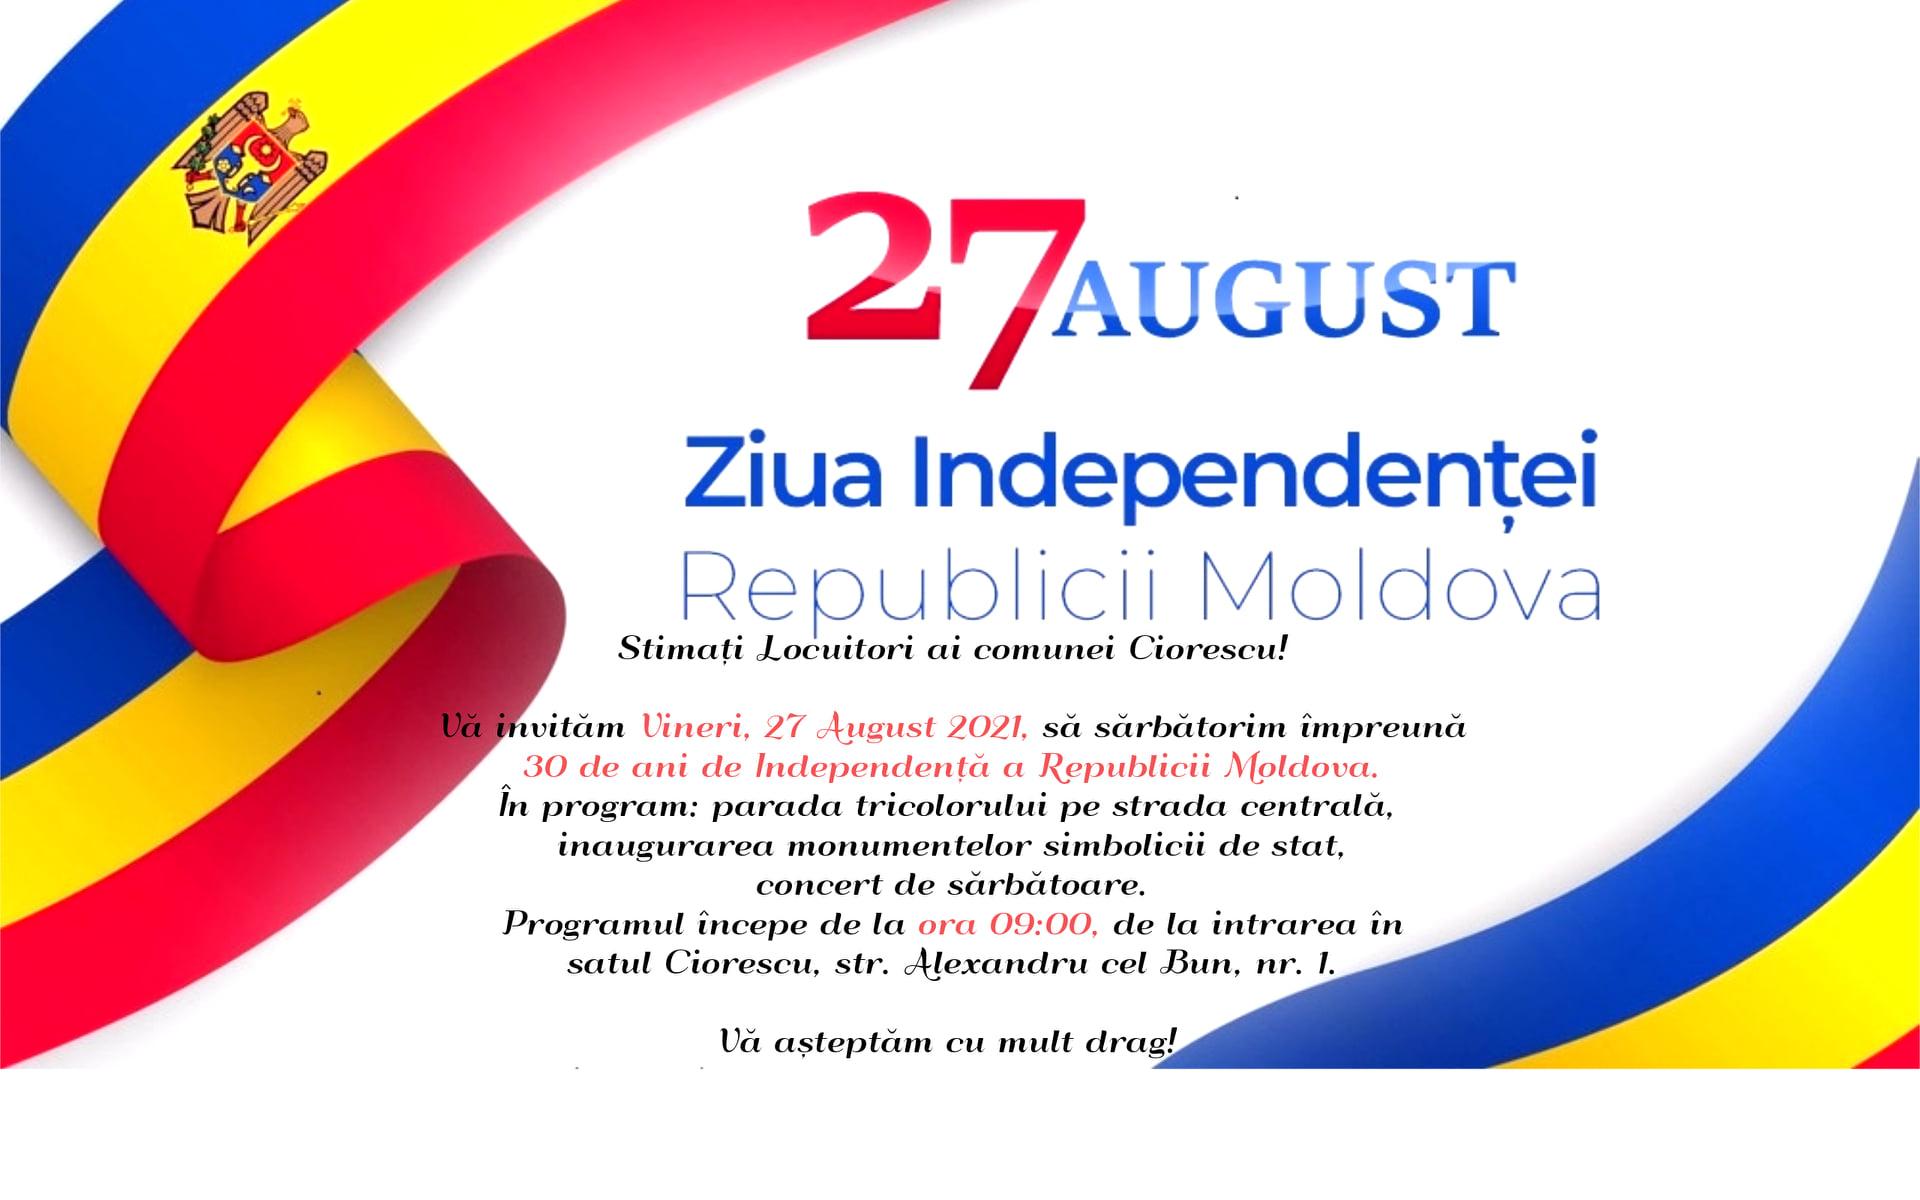 Video de felicitare a primarului de Ziua Independenței